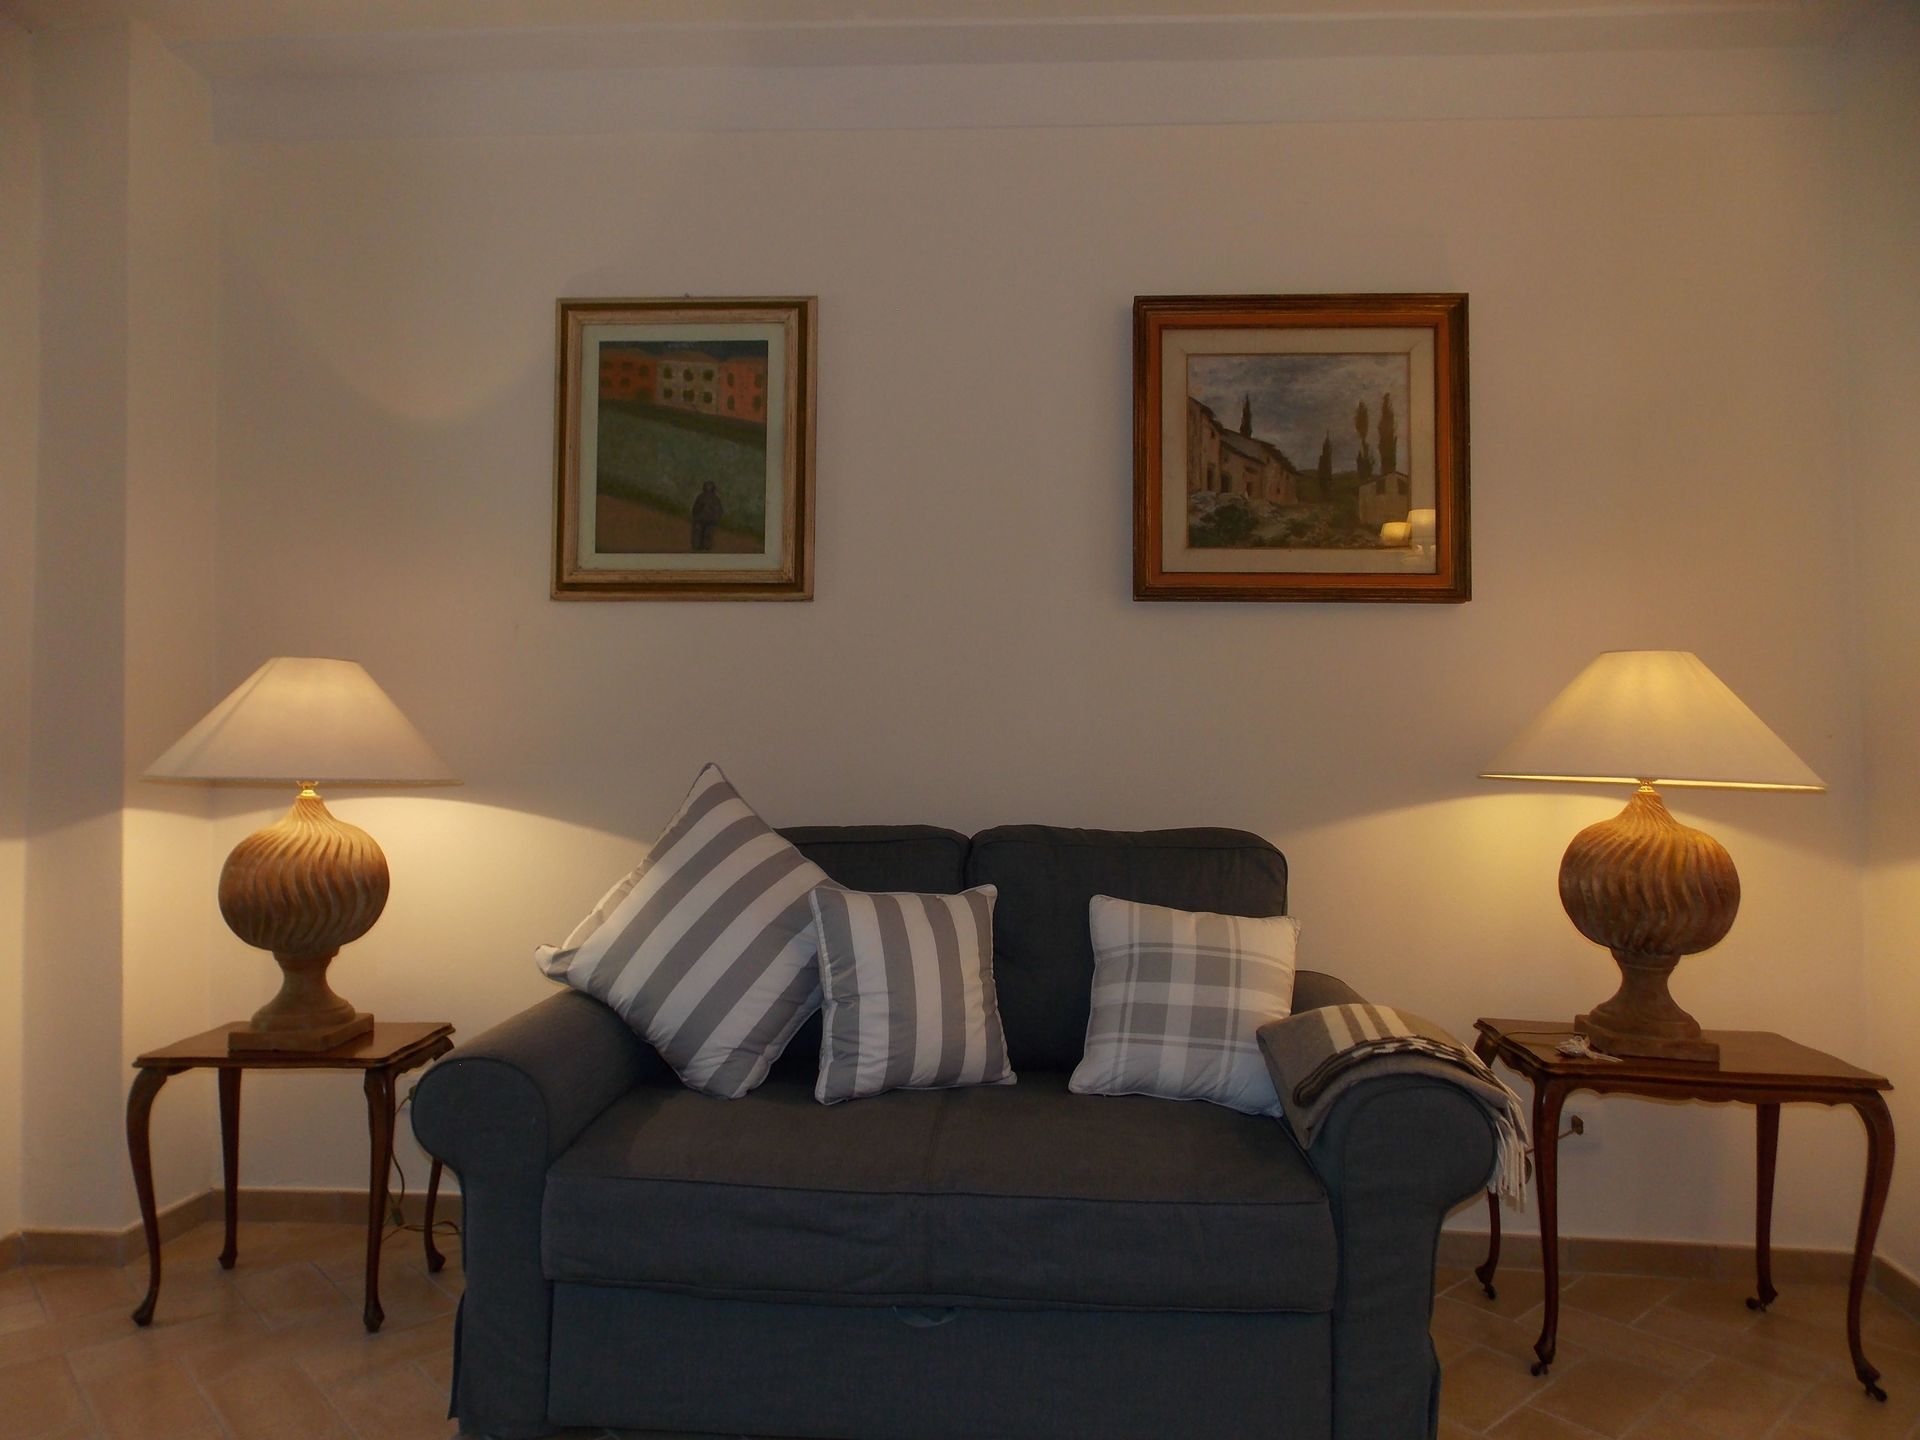 La casetta casa vacanze con 6 posti letto in 3 camere for Piani casa 6 camere da letto